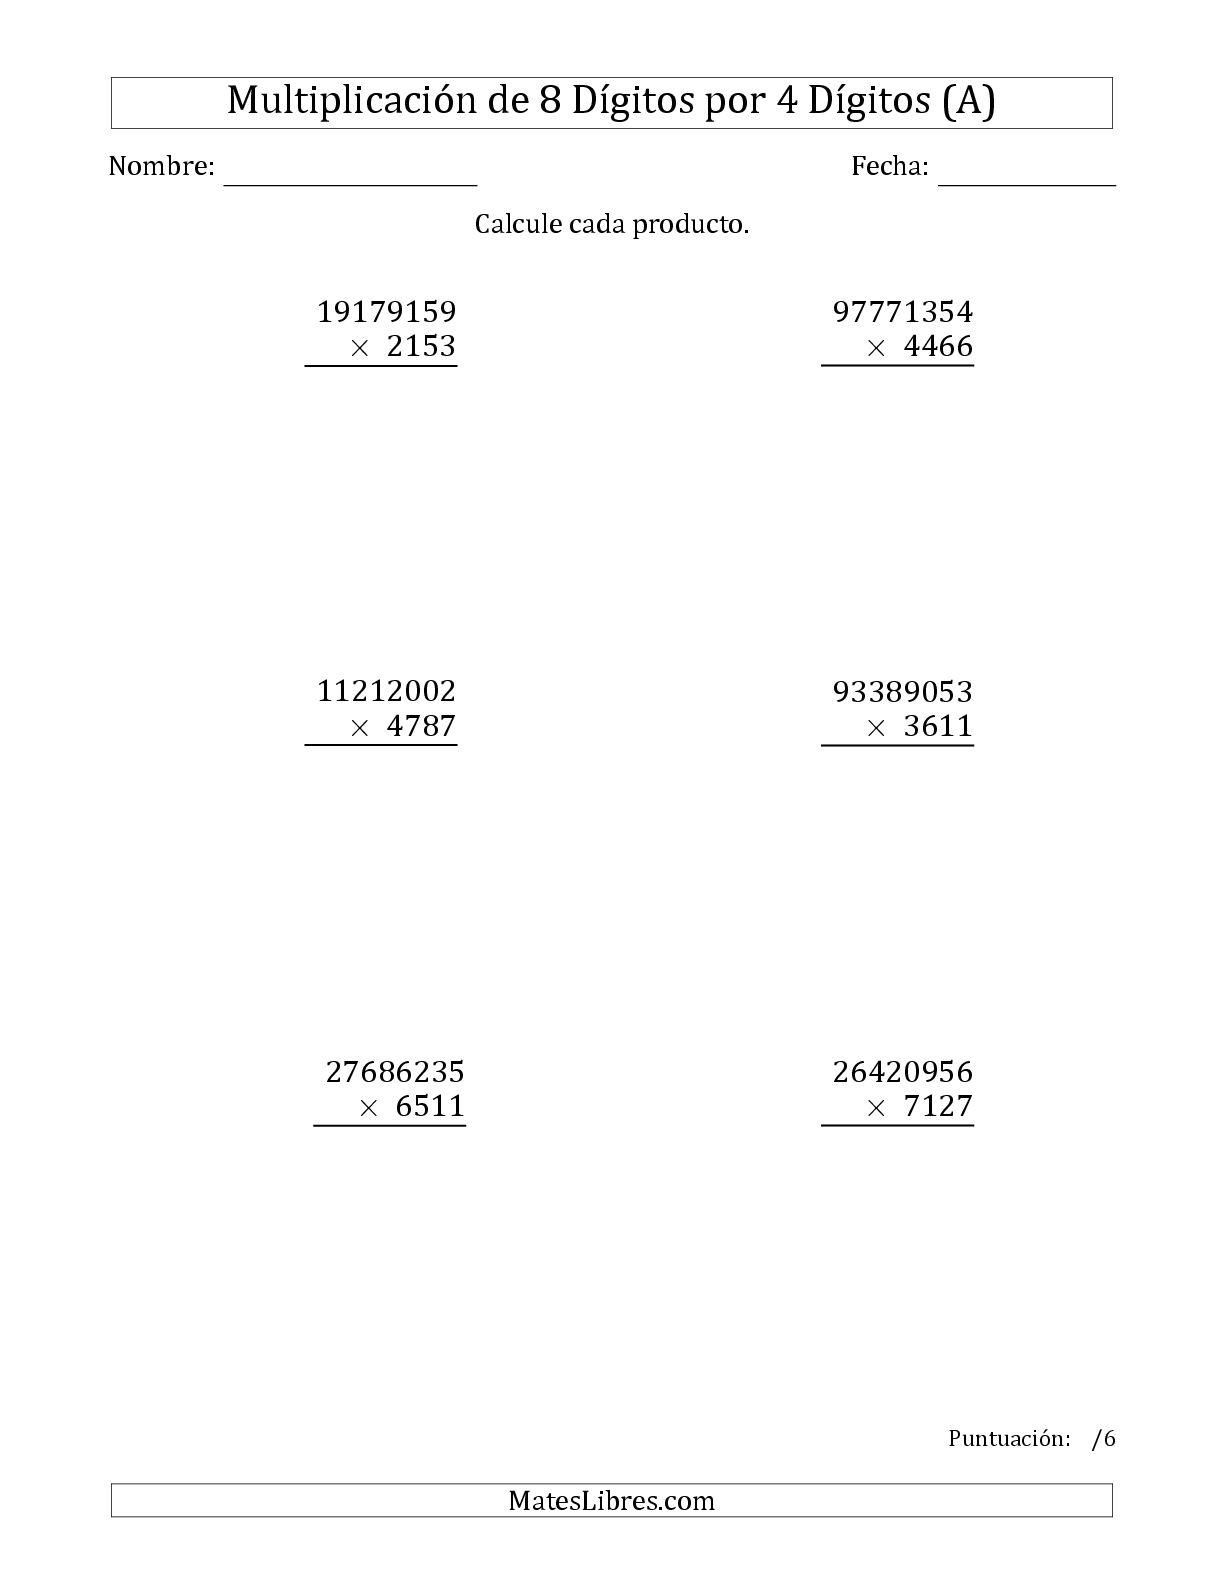 La Multiplicar Números de 8 Dígitos por 4 Dígitos (A) Hoja de Ejercicio de Multiplicación Larga